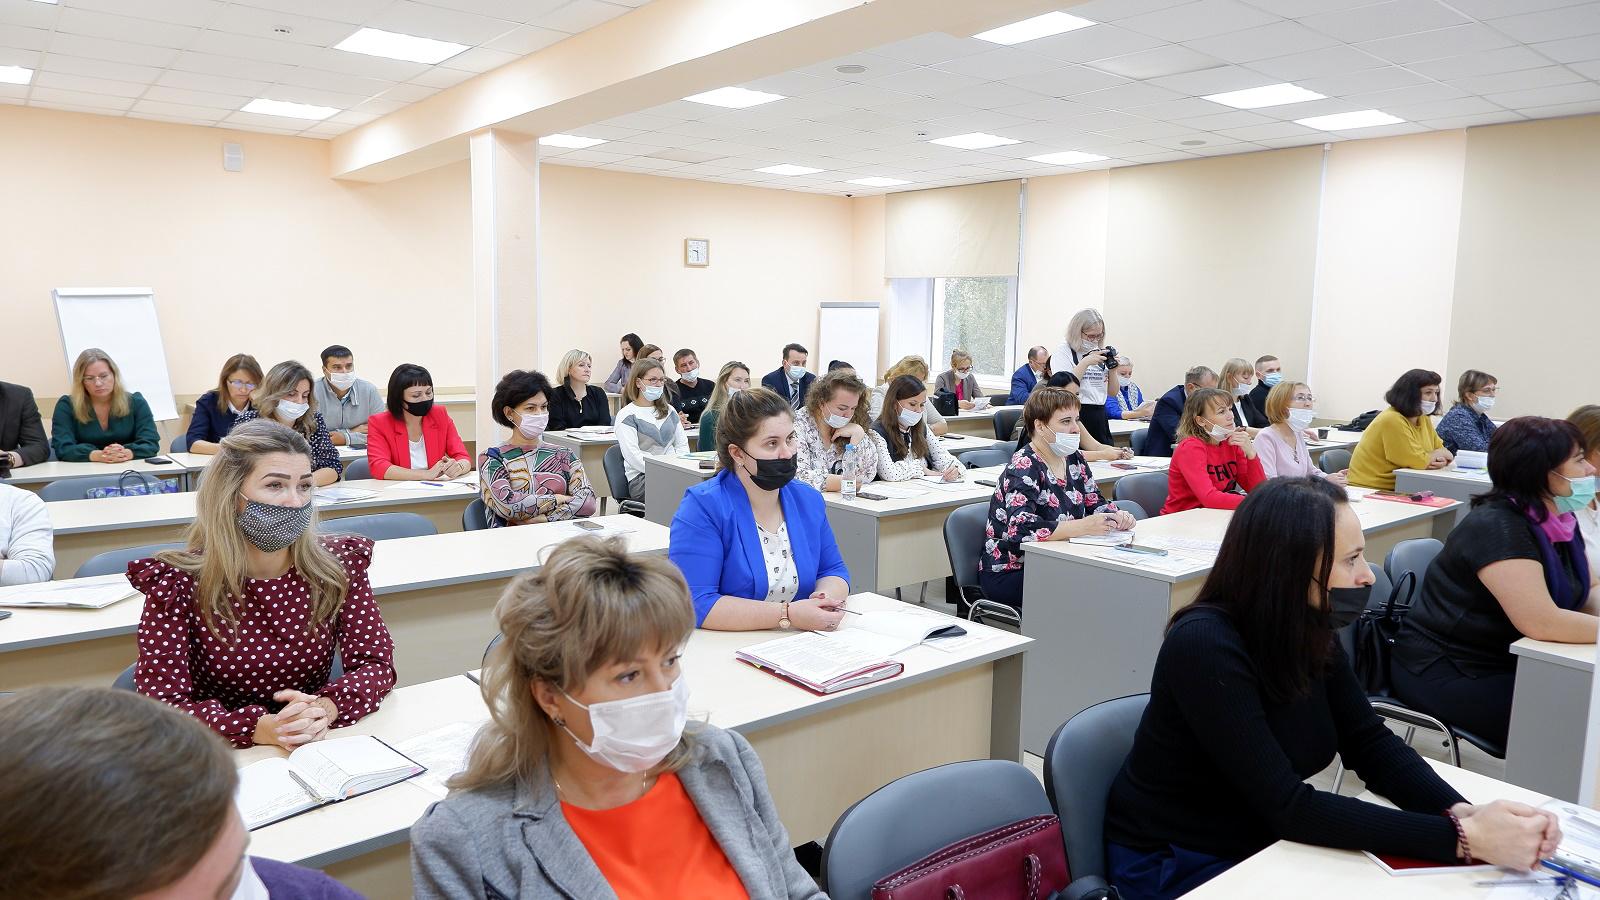 01_seminar-SK_1a.jpg